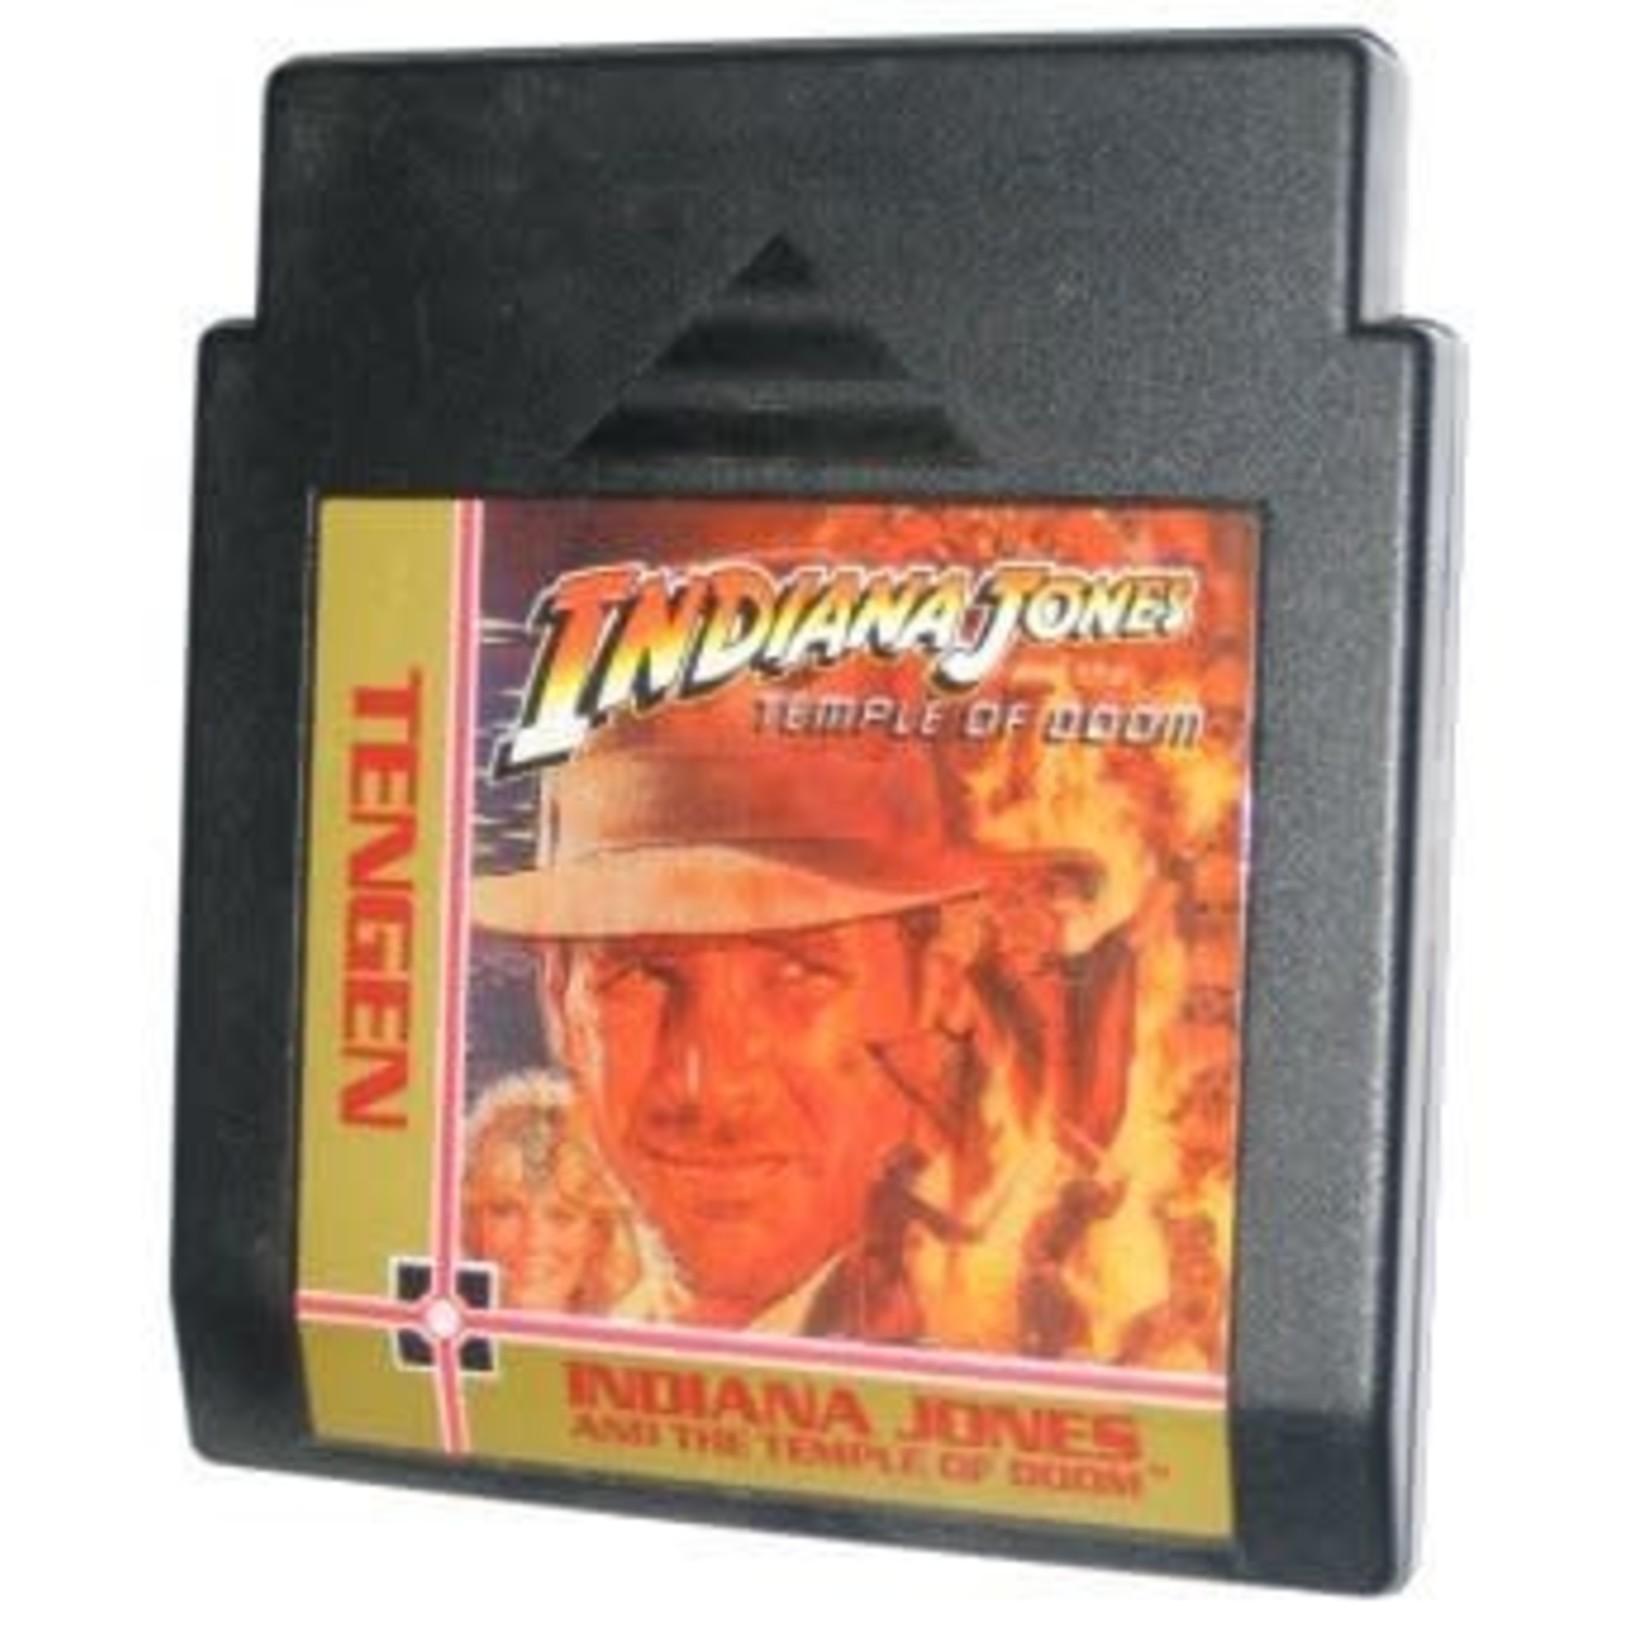 NESU-Indiana Jones and the Temple of Doom TENGEN